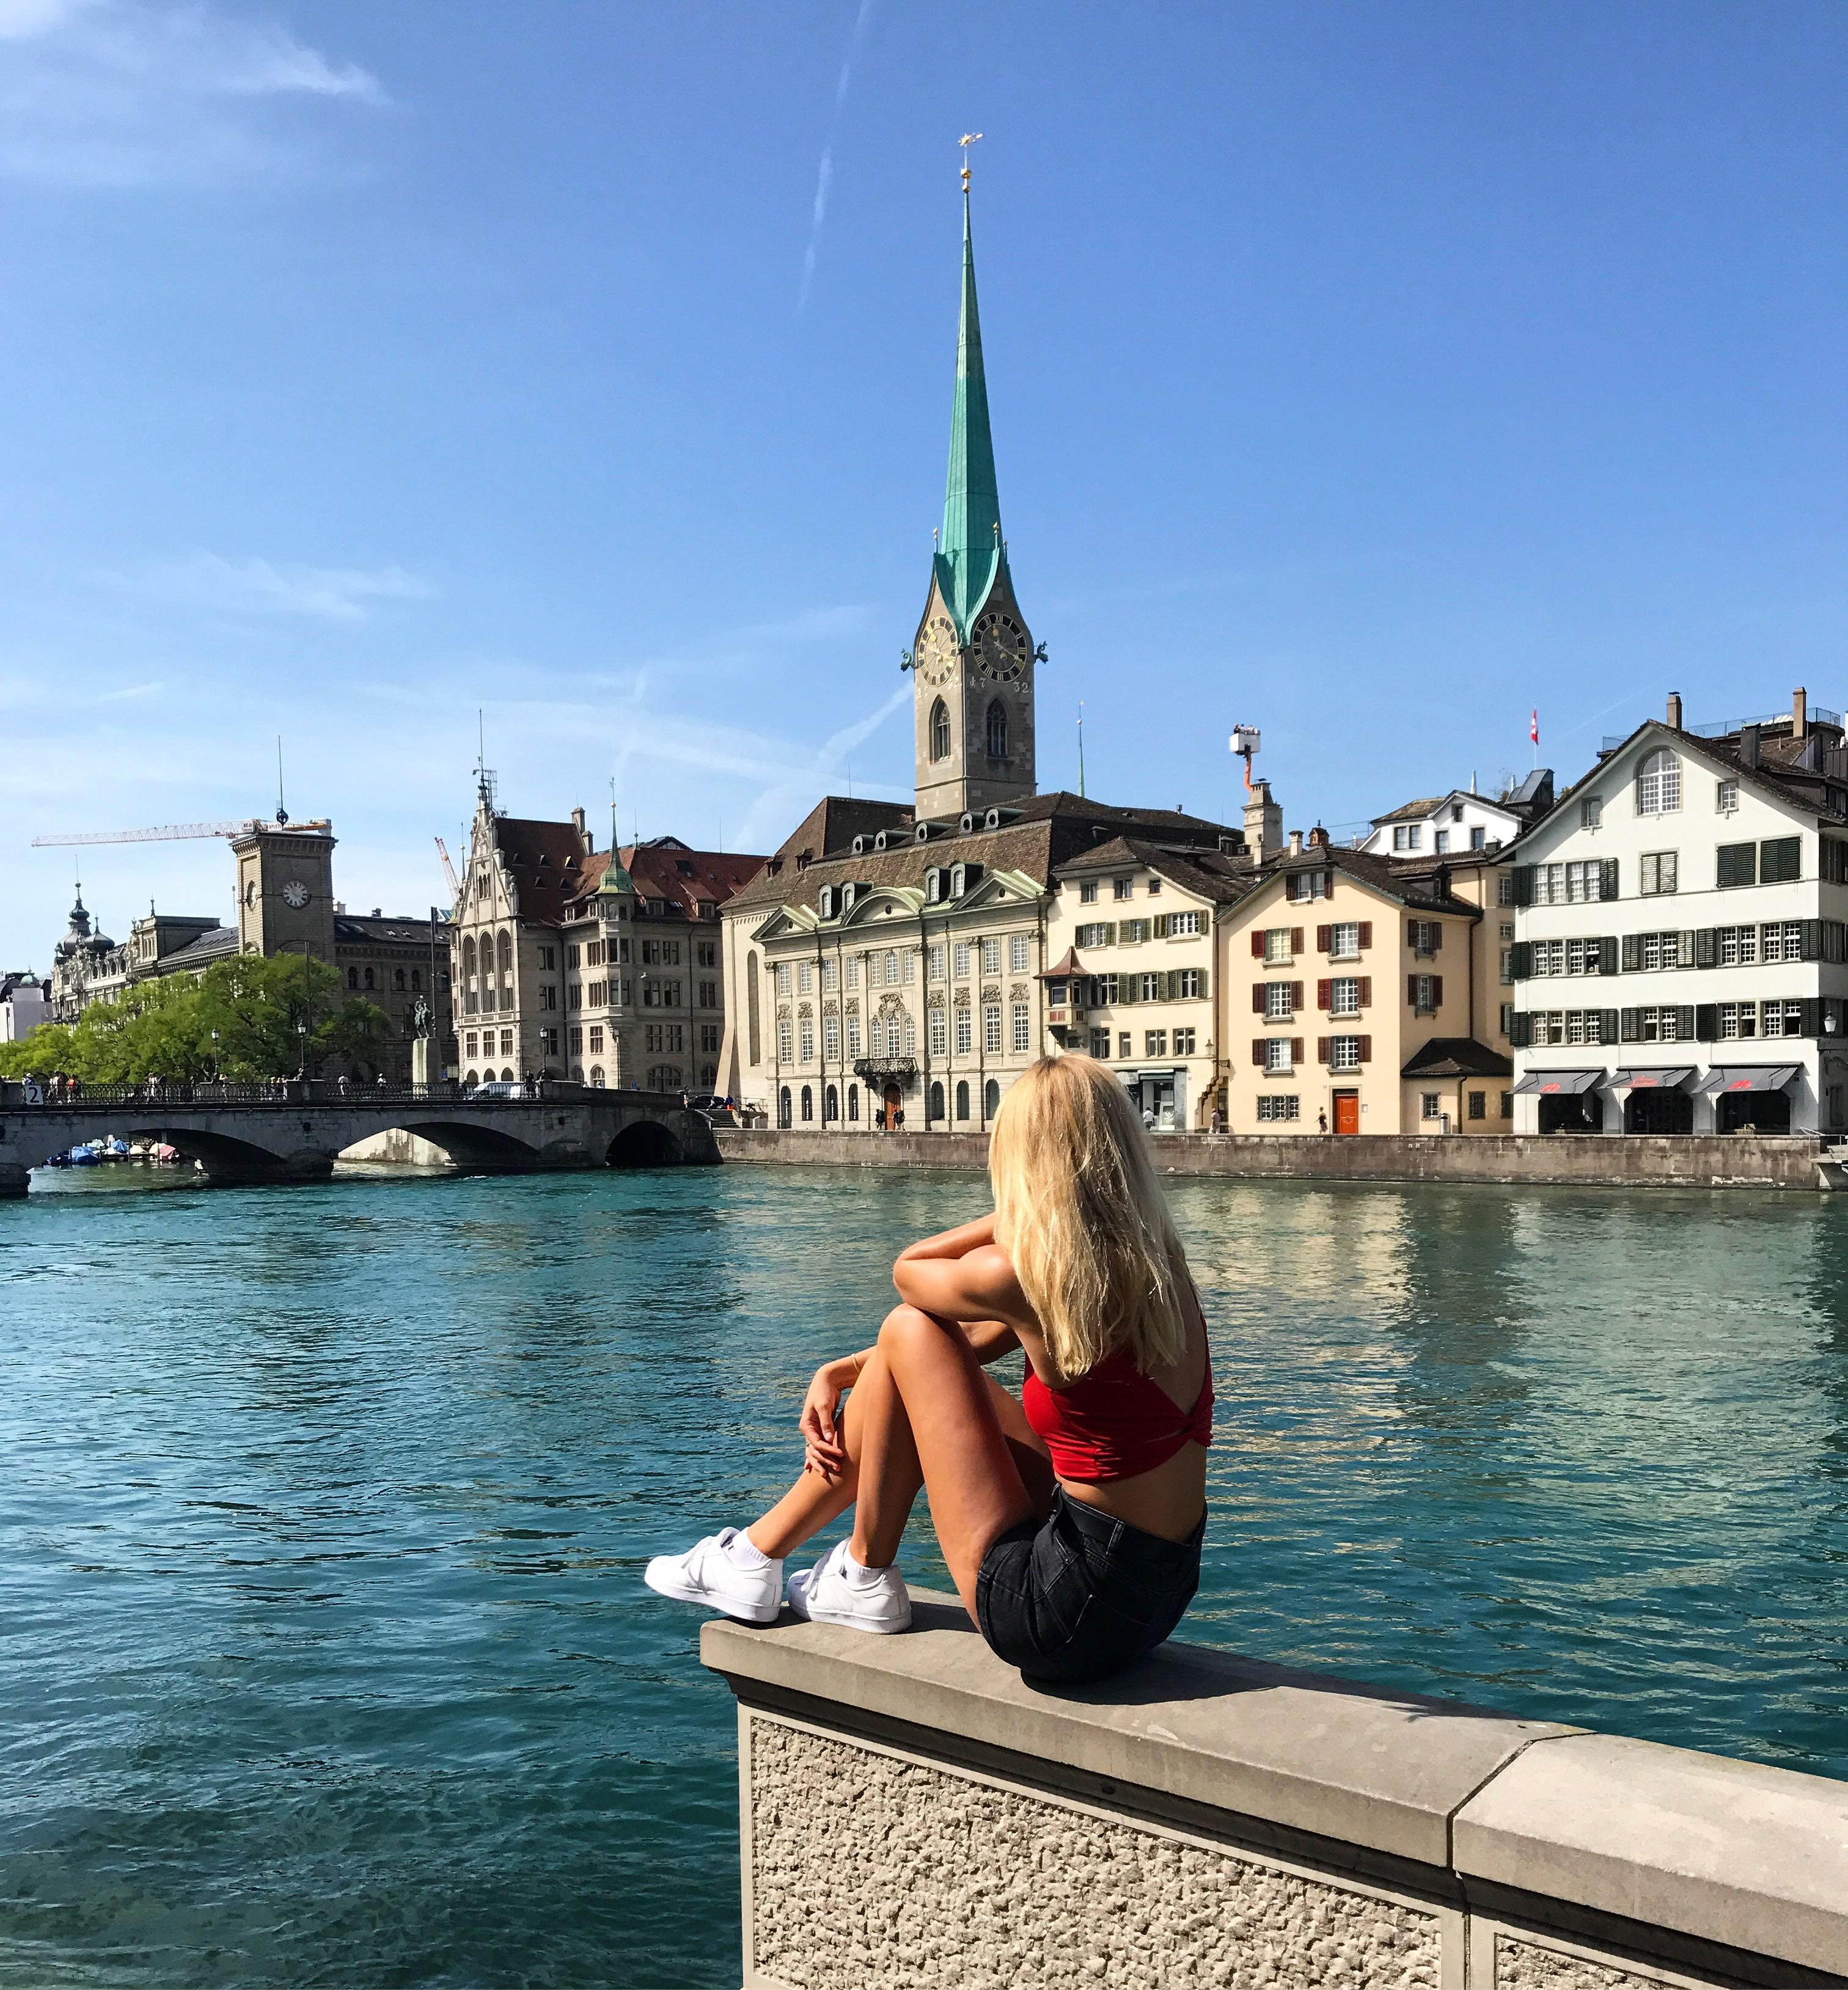 Places To Visit In Switzerland Blog: Zurich, Switzerland: An Active Travel Guide